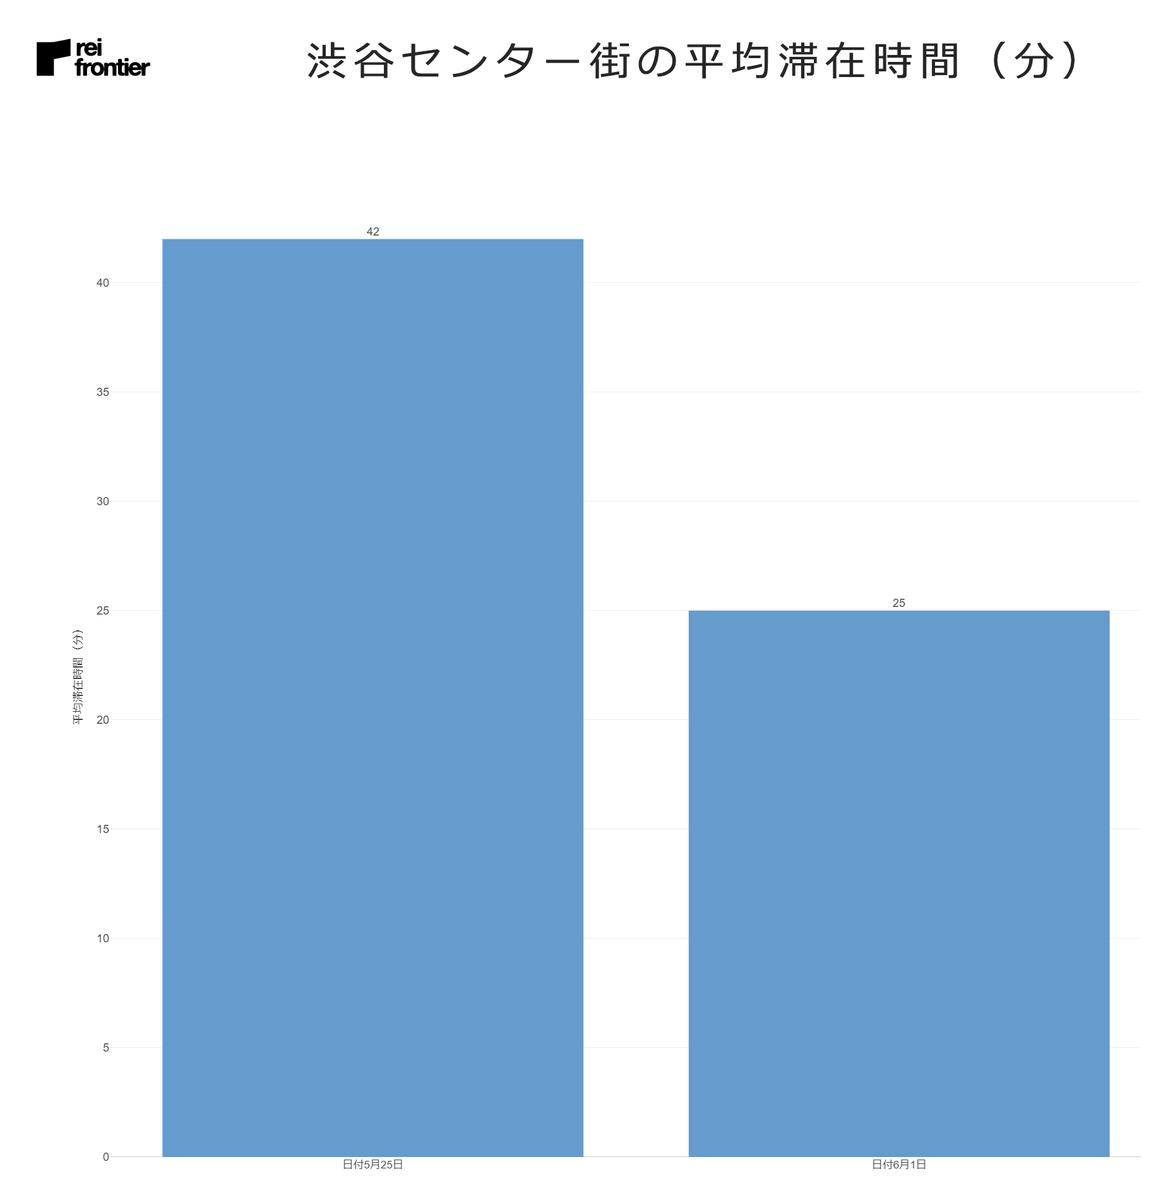 渋谷センター街の平均滞在時間